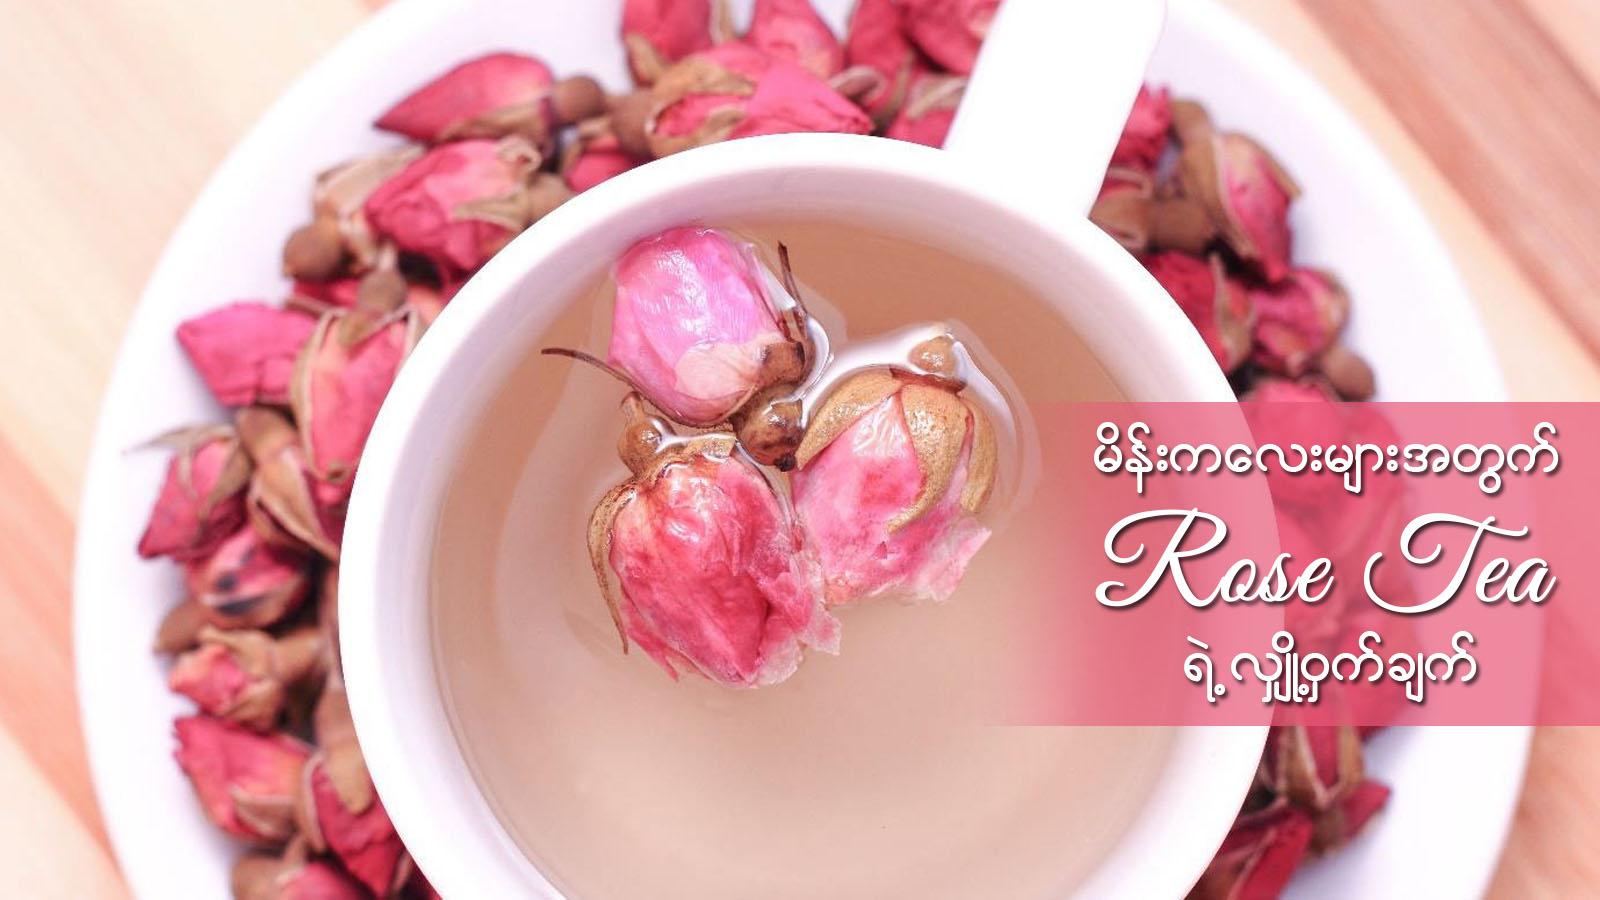 မိန္းကေလးမ်ားအတြက္ Rose Tea ရဲ႕ လ်ိဳ႕၀ွက္ခ်က္